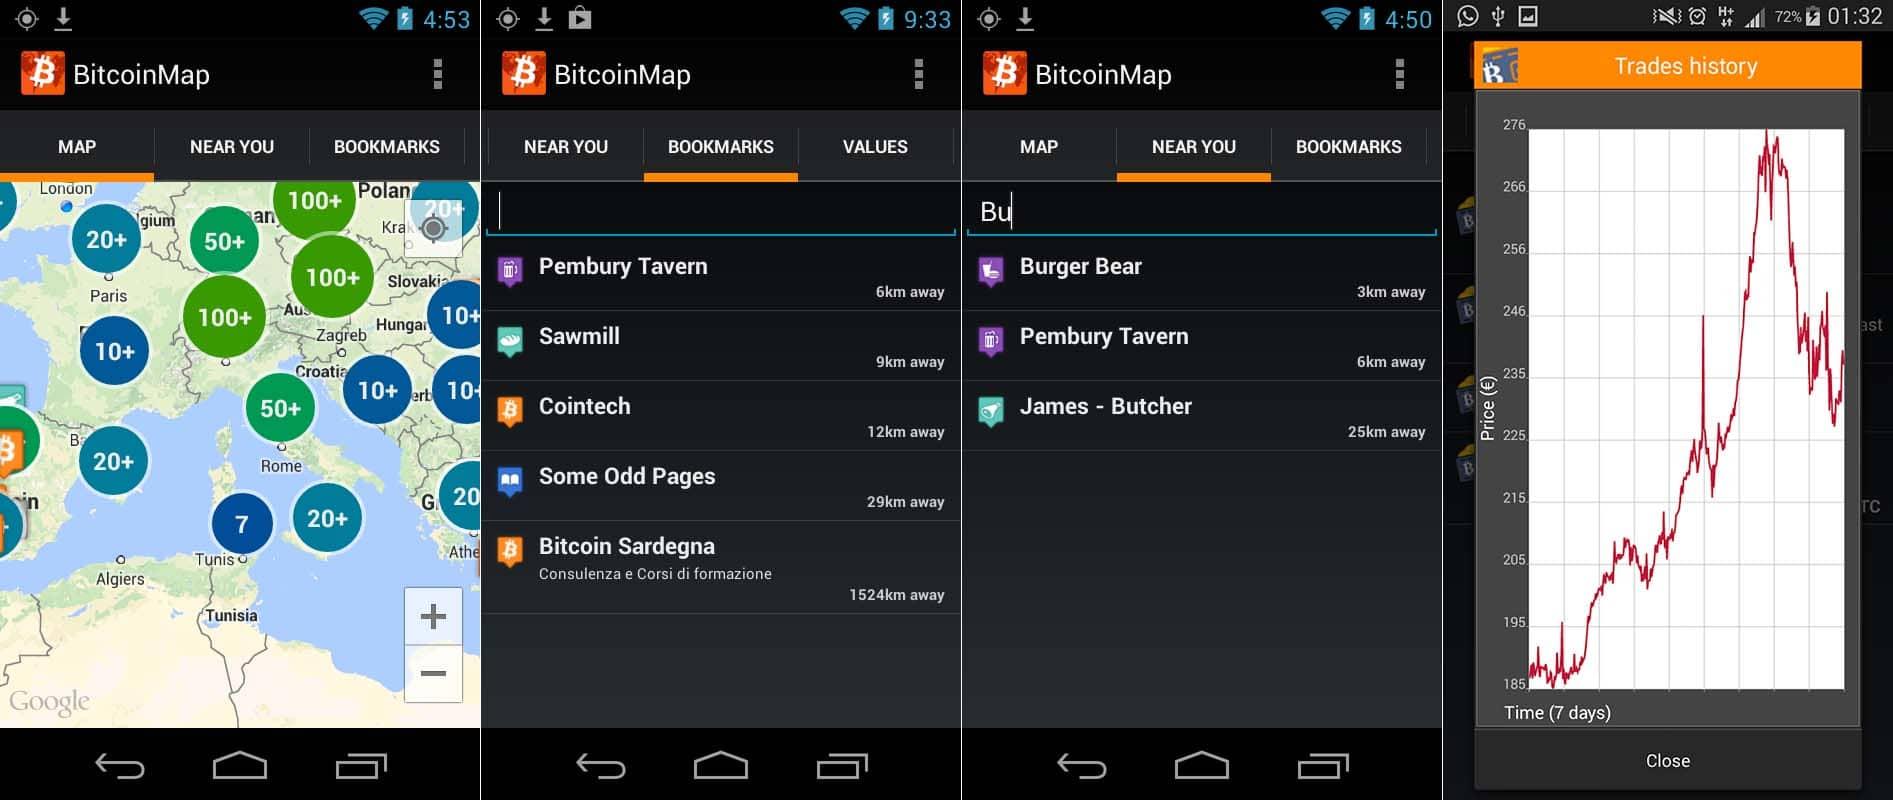 bitcoinmap app